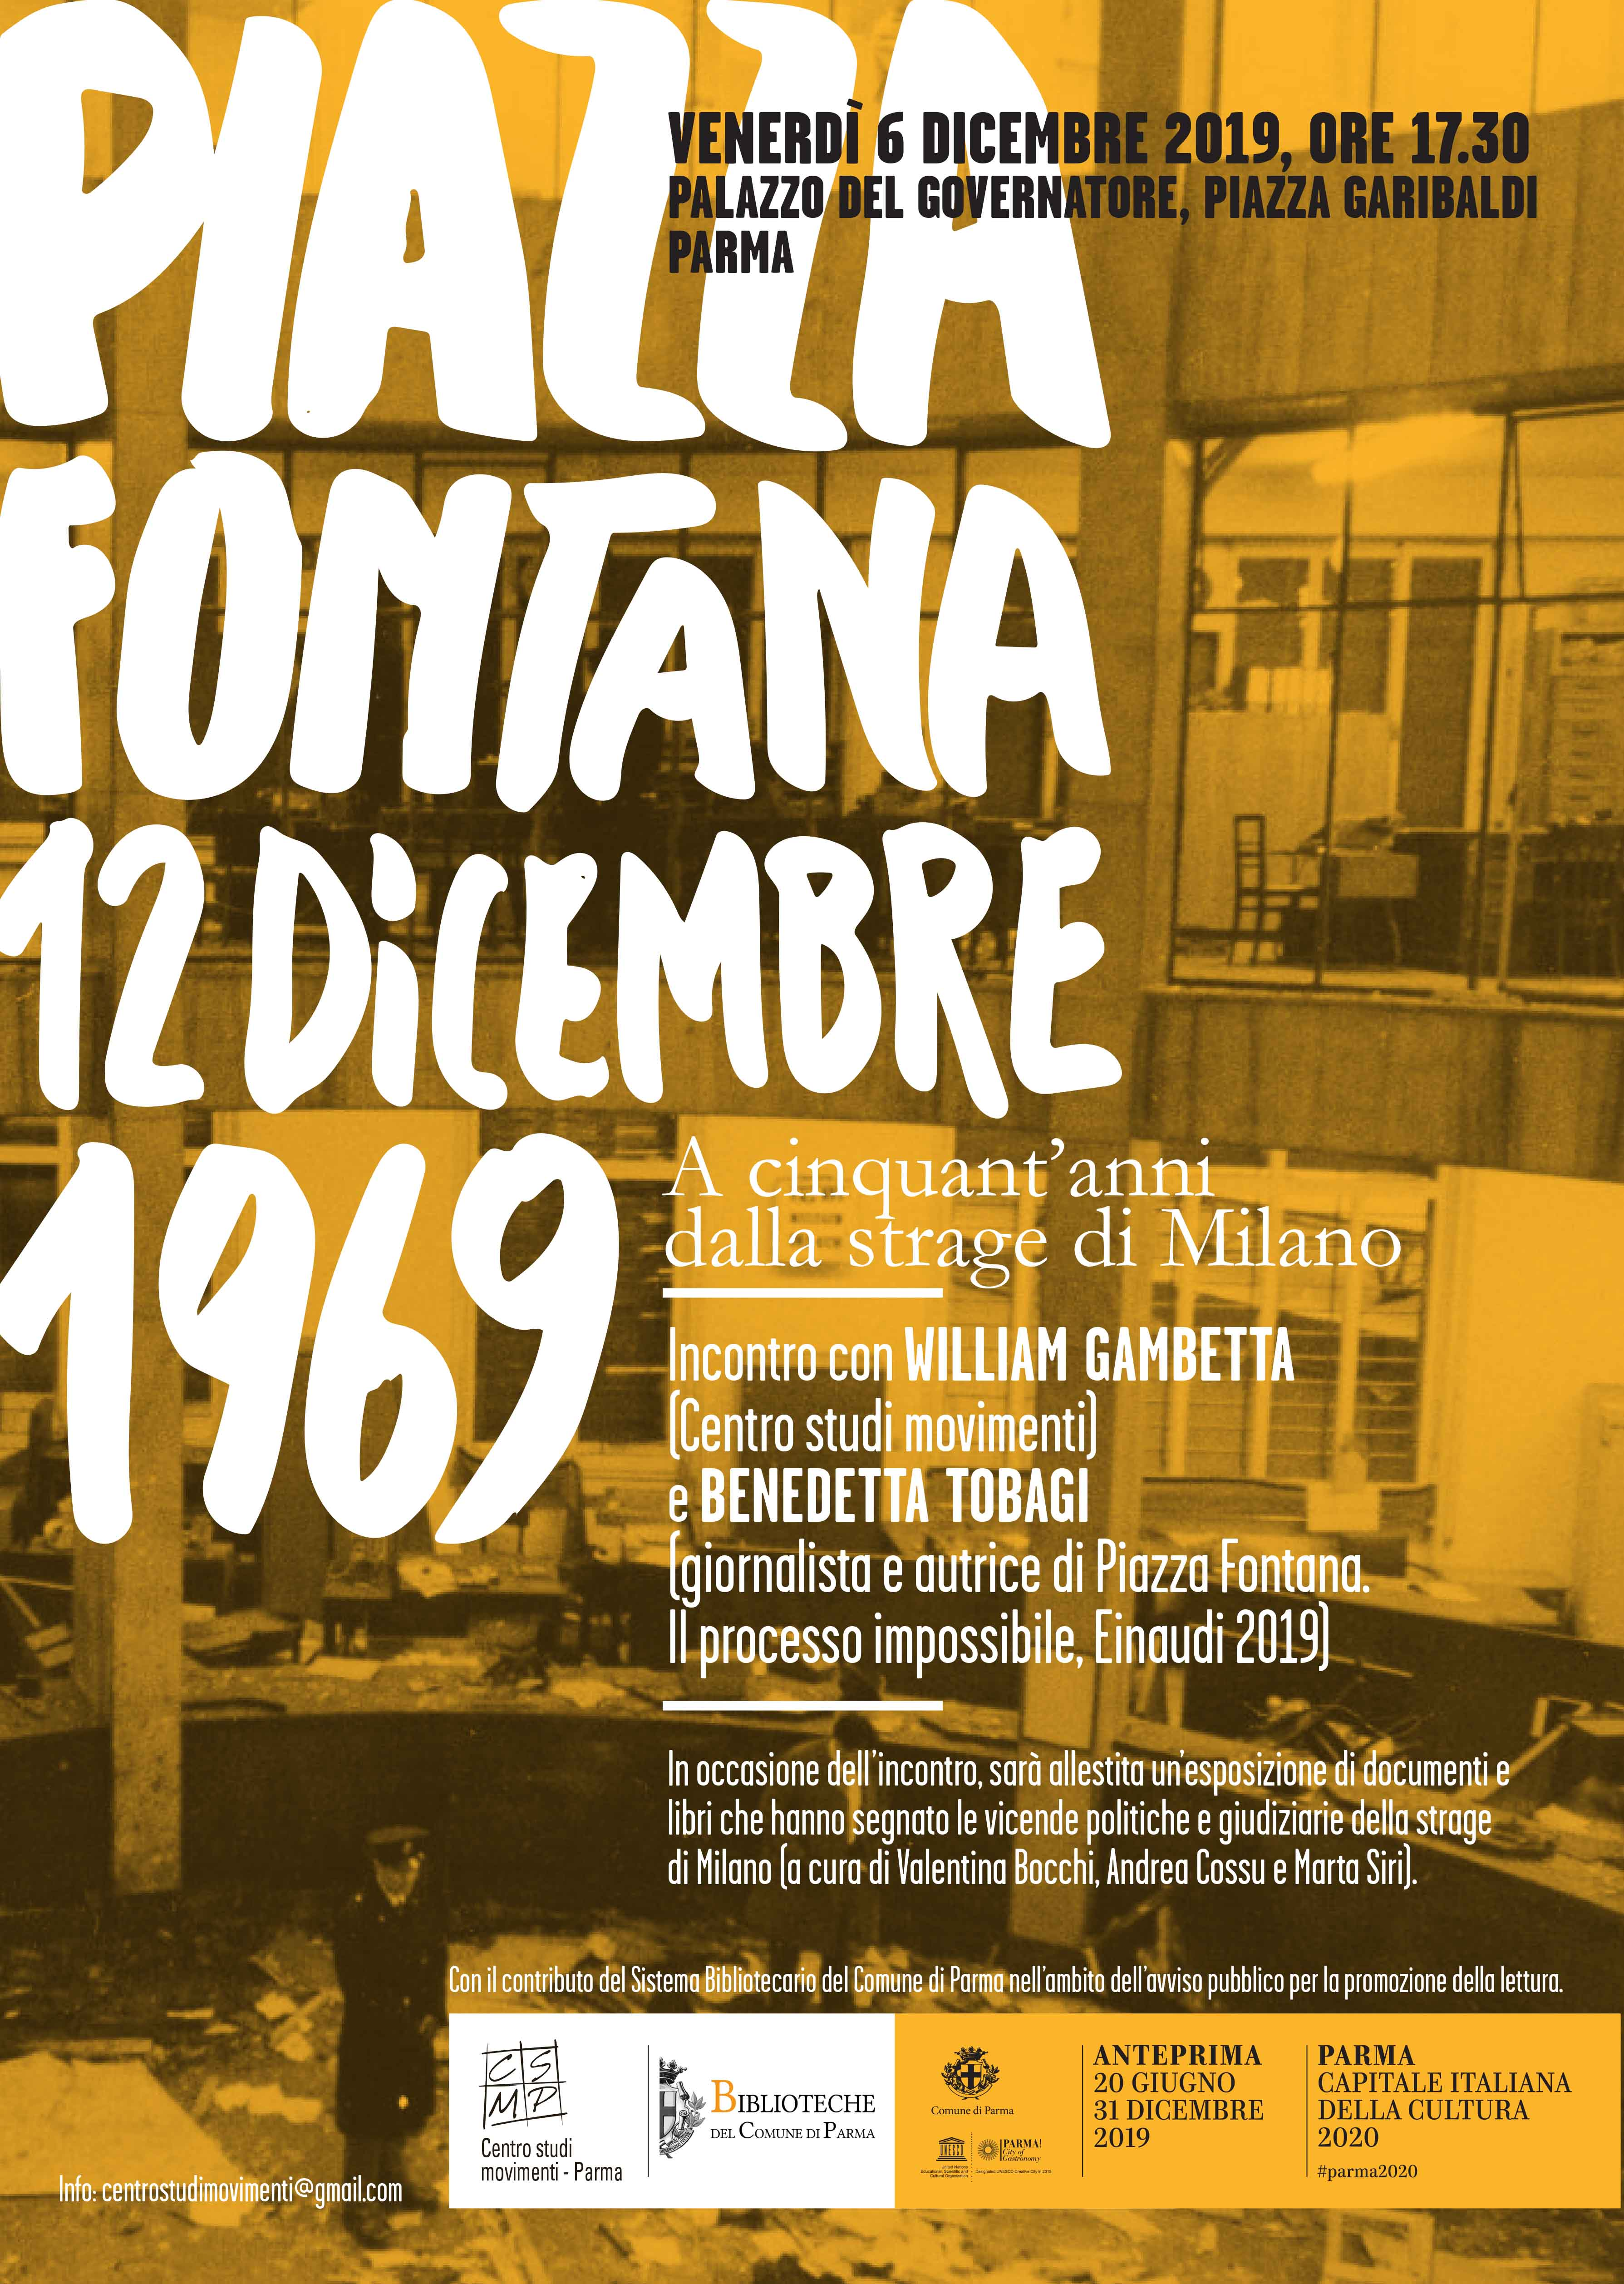 Piazza Fontana, 12 dicembre 1969. Incontro con Benedetta Tobagi – Venerdì 6 dicembre 2019